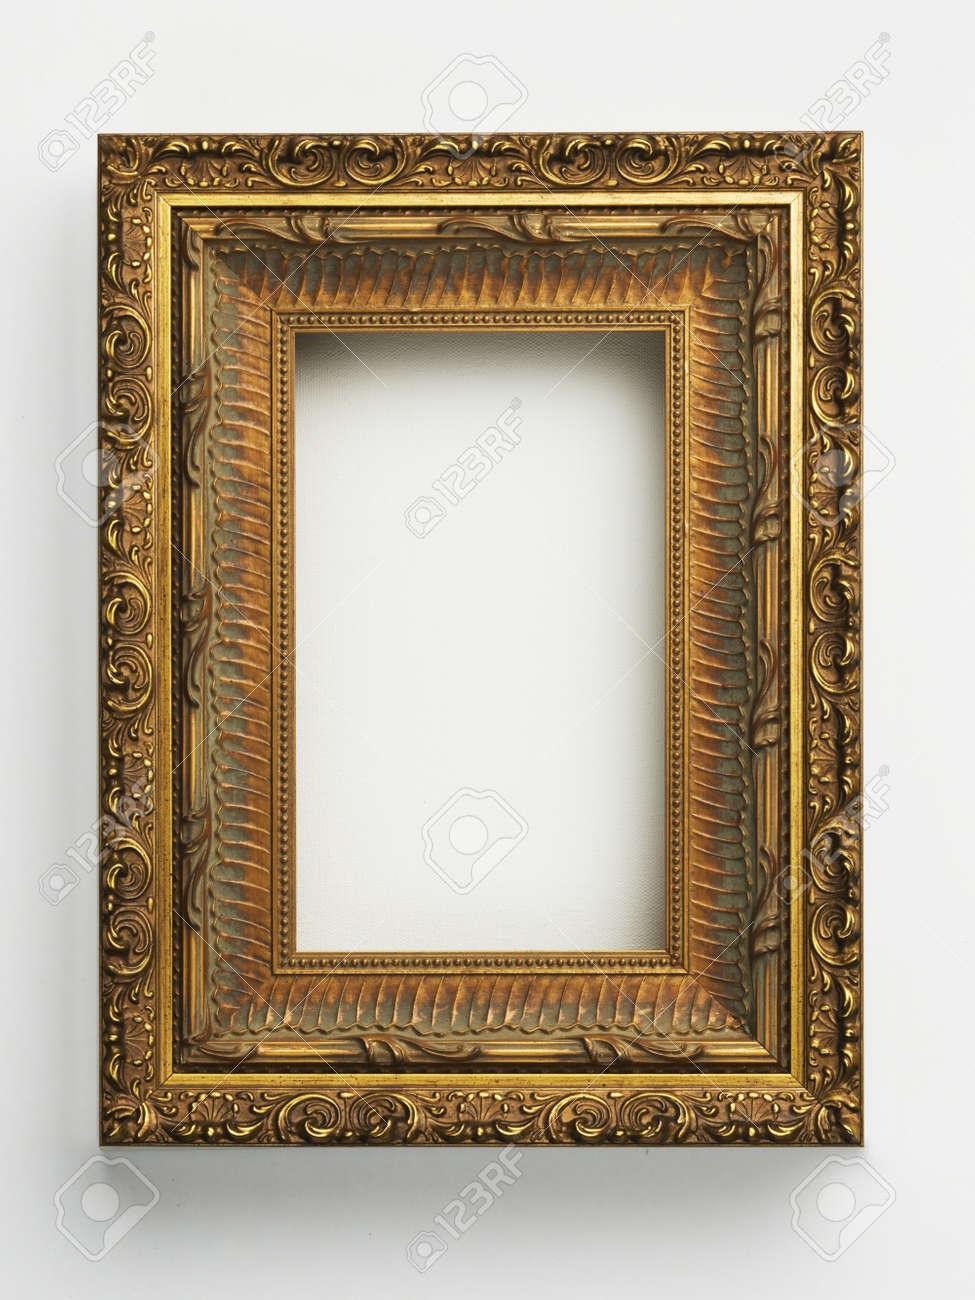 Gold Verzierten Antiken Bilderrahmen Auf Weiß Lizenzfreie Fotos ...